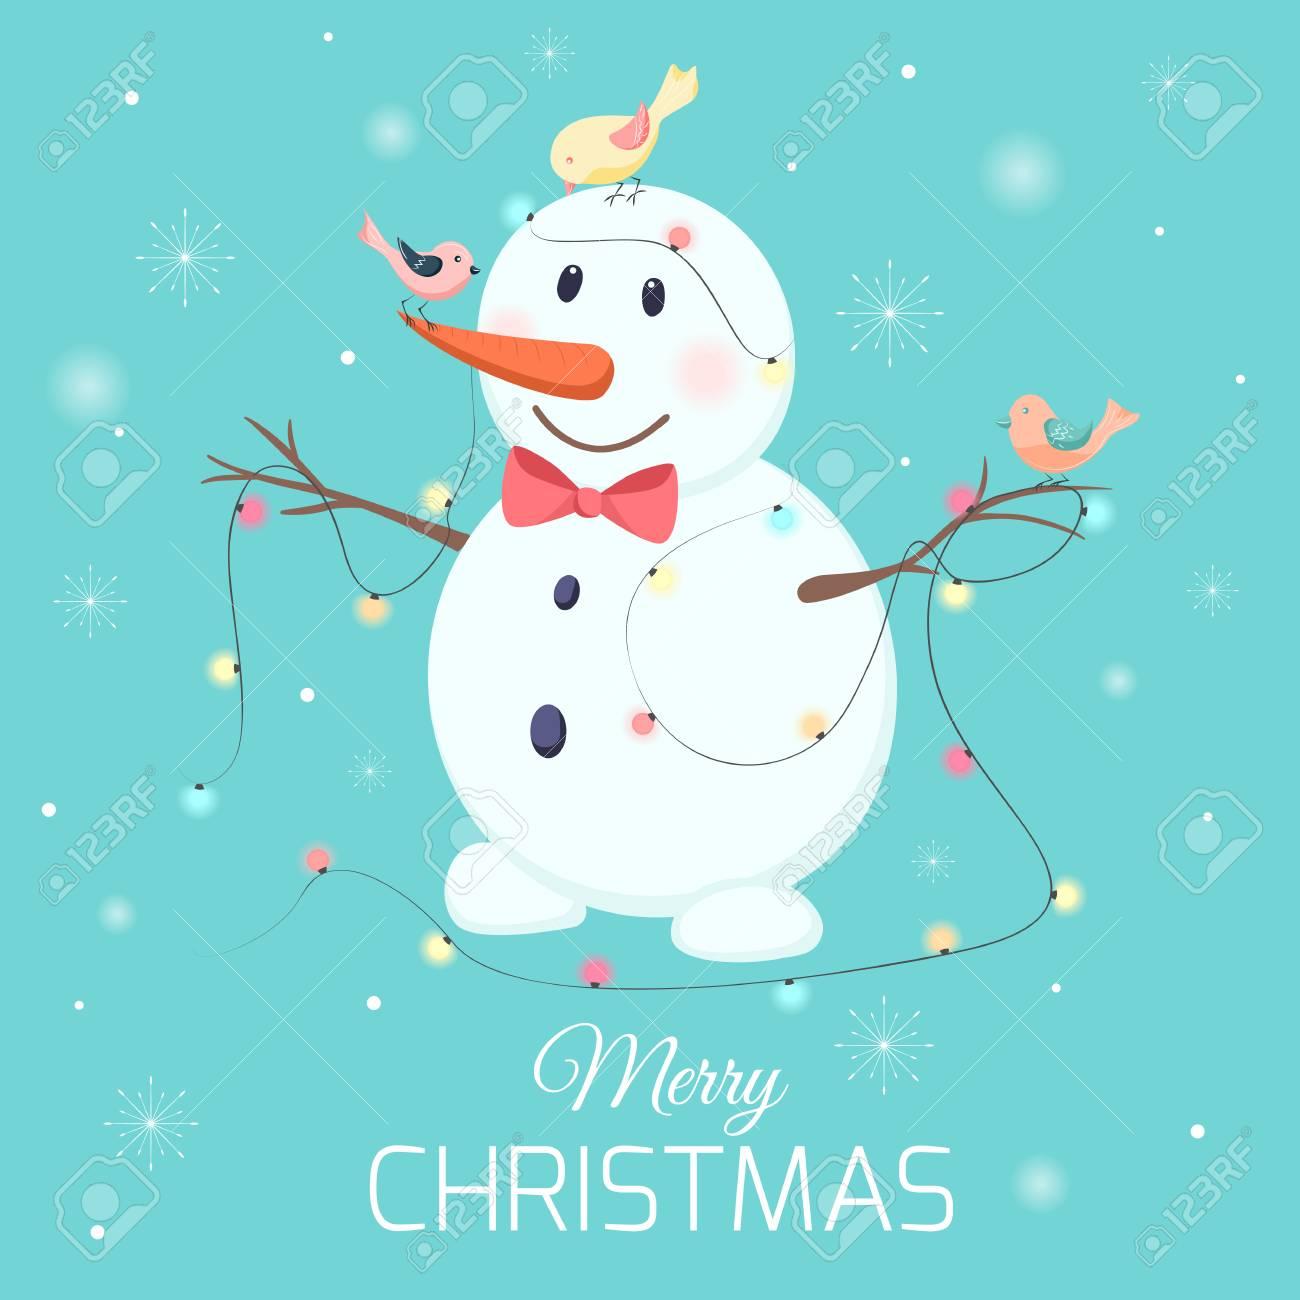 Carotte Bleue pour bonhomme de neige blanc heureux personnage de dessin animé souriant